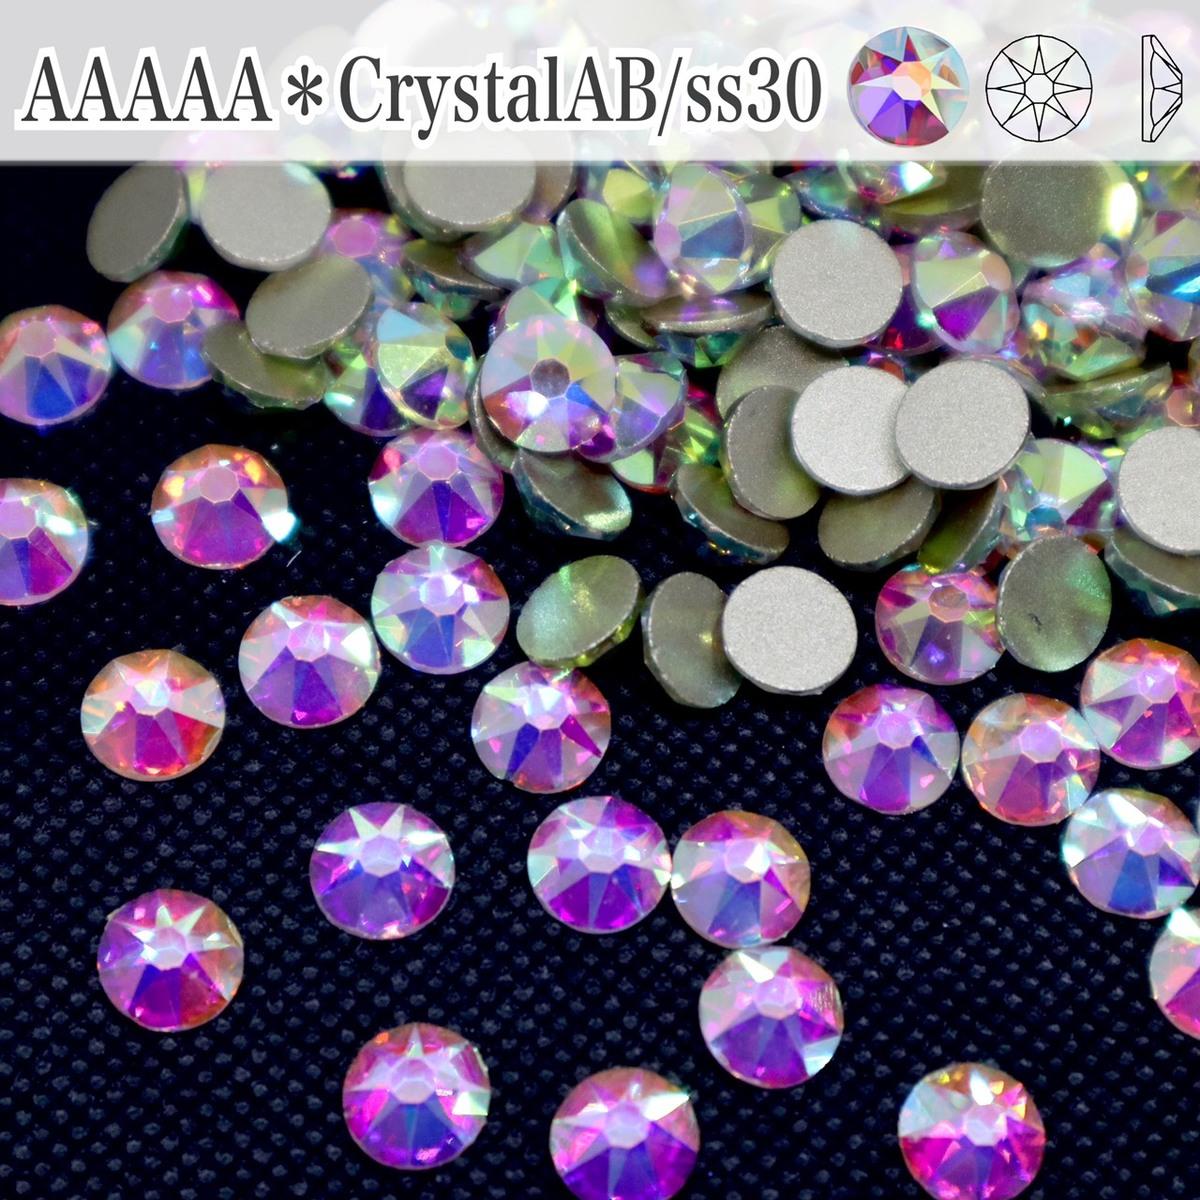 お値打ち価格で ガラスストーンの中ではとても輝度の高いランクです☆ A5ランク高輝度ラインストーン SS30 270粒 中古 CrystalAB ガラスビジュー ラインストーン 高輝度ビジュー 16カット ガラスストーン クリスタルオーロラ 2088quality